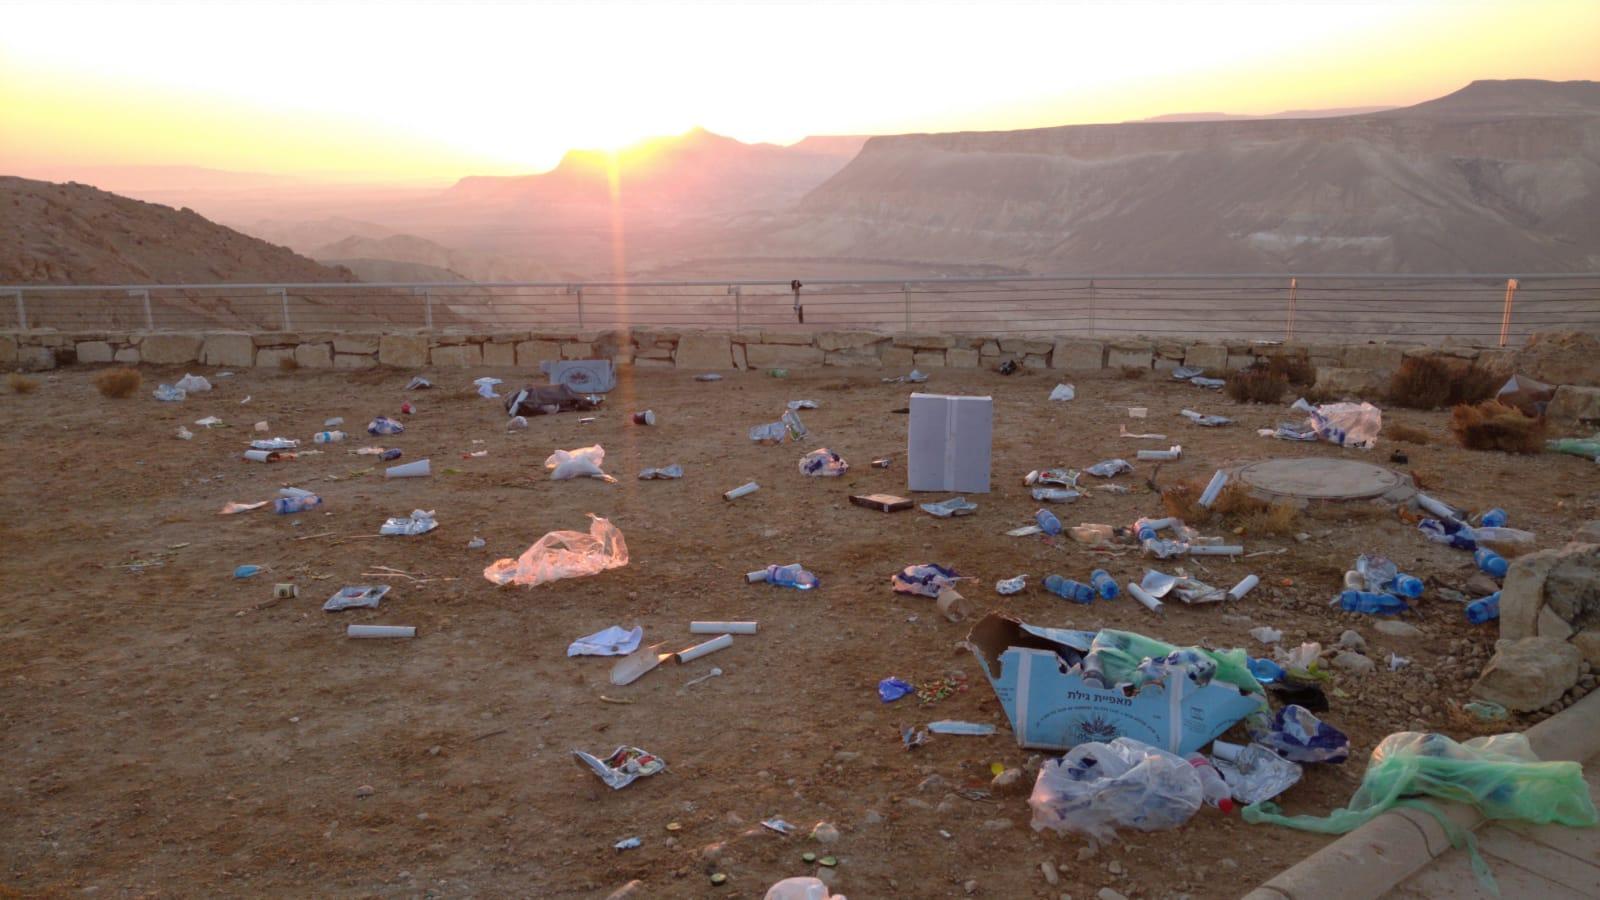 טקס ממלכתי לאזכרה של בן גוריון מזהם את המדבר (צילום: אלמוג בן זכרי)